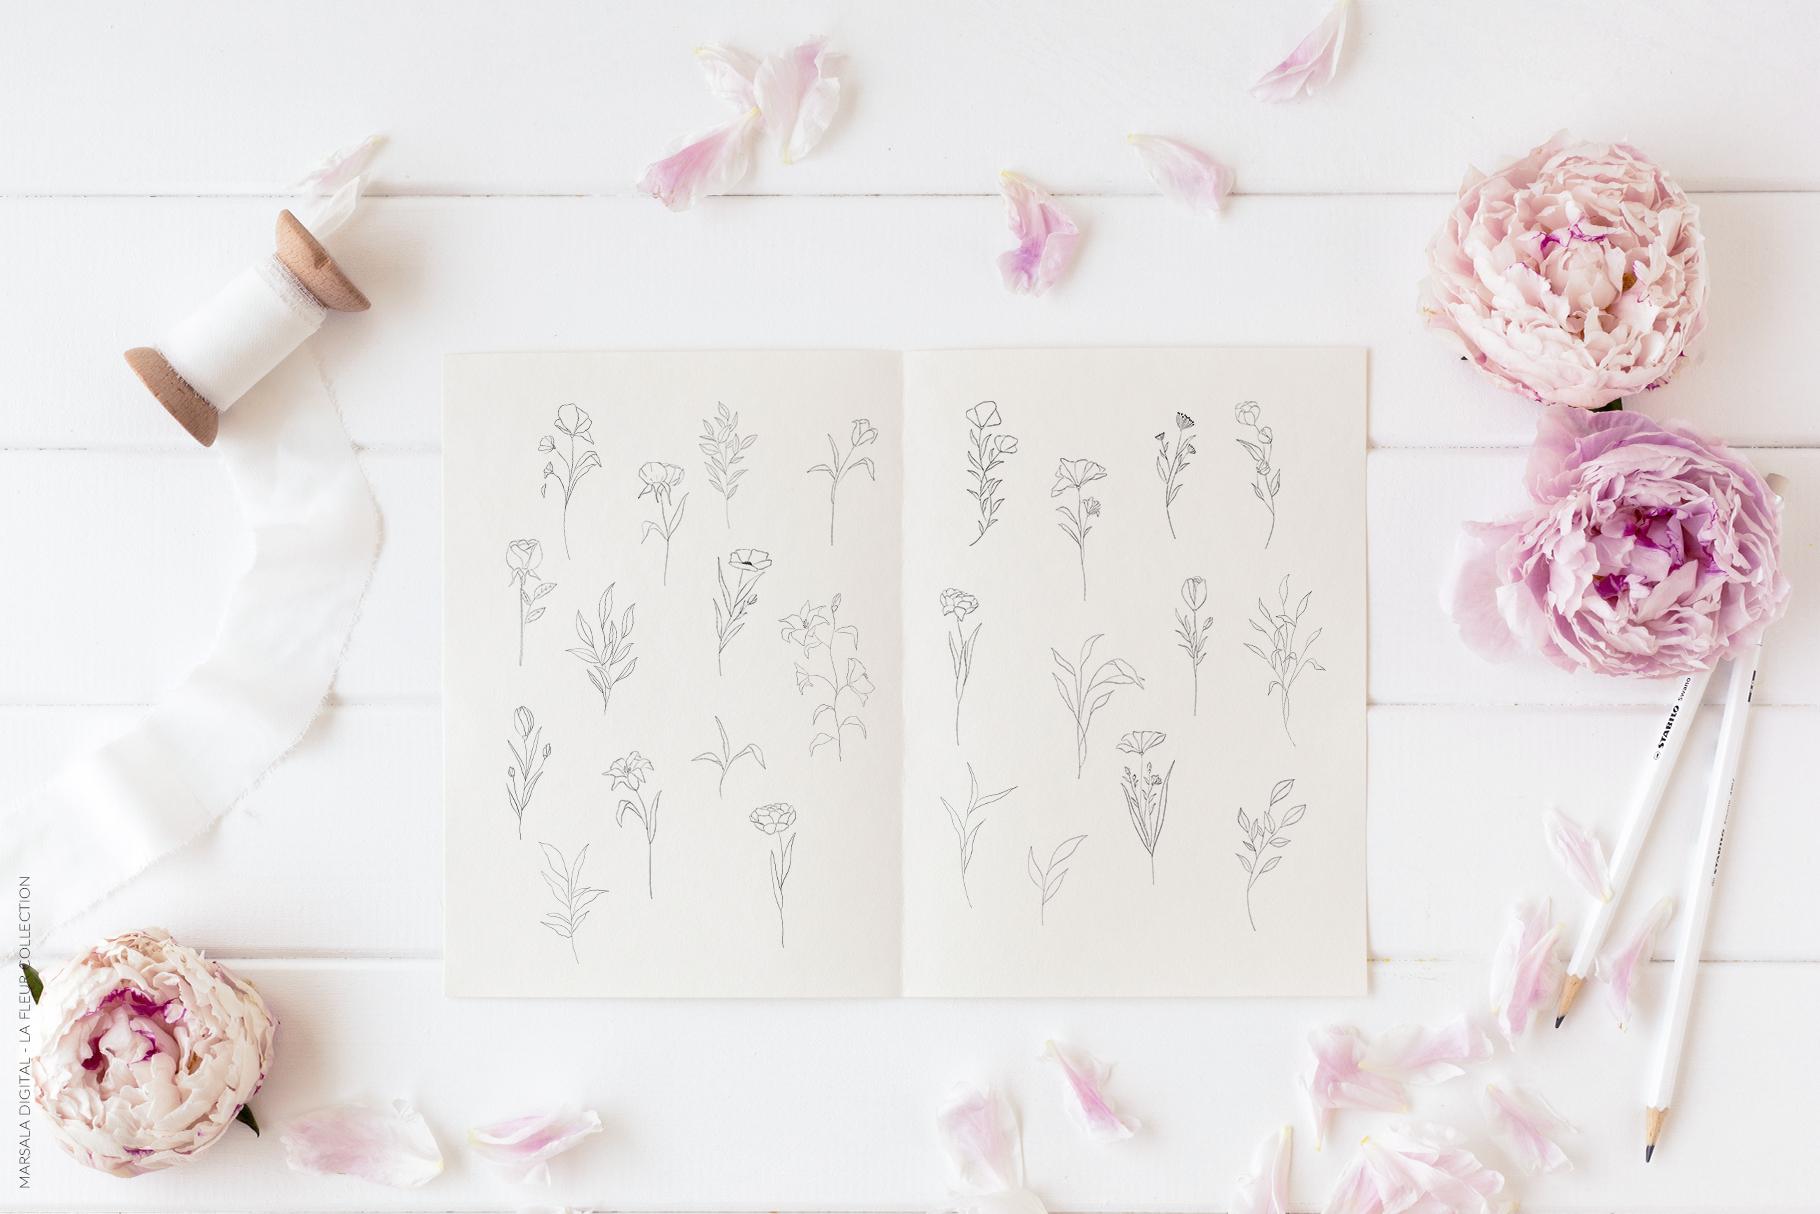 Floral Pencil Sketches Line Art - La fleur example image 9